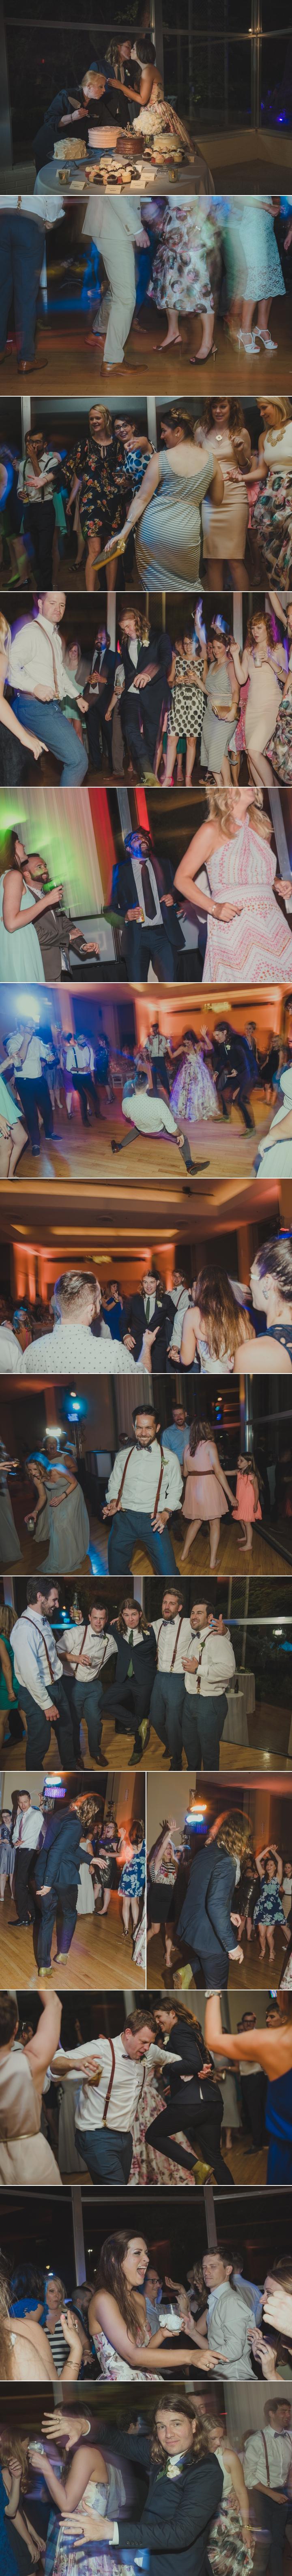 denver-wedding-photographers-rs 21.jpg